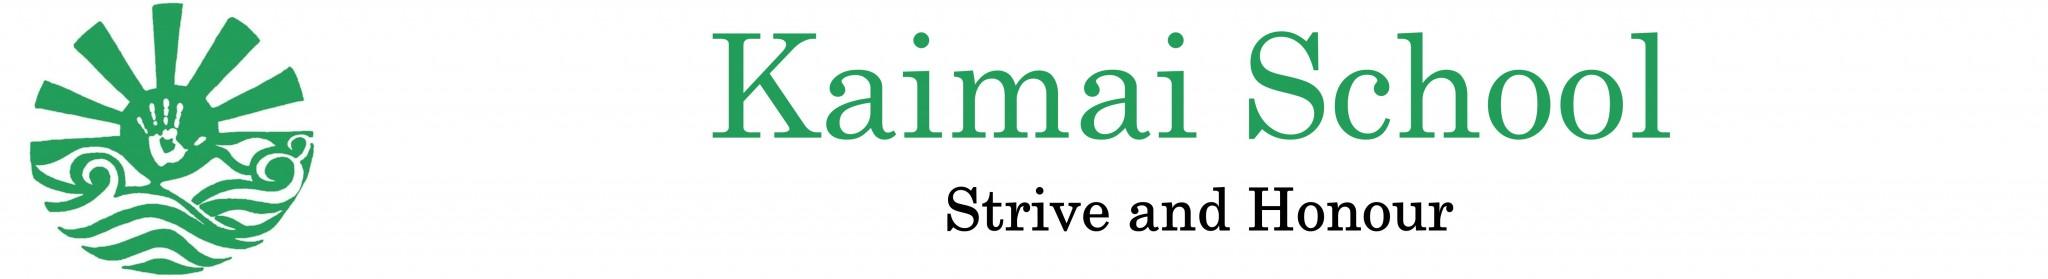 Kaimai School Logo